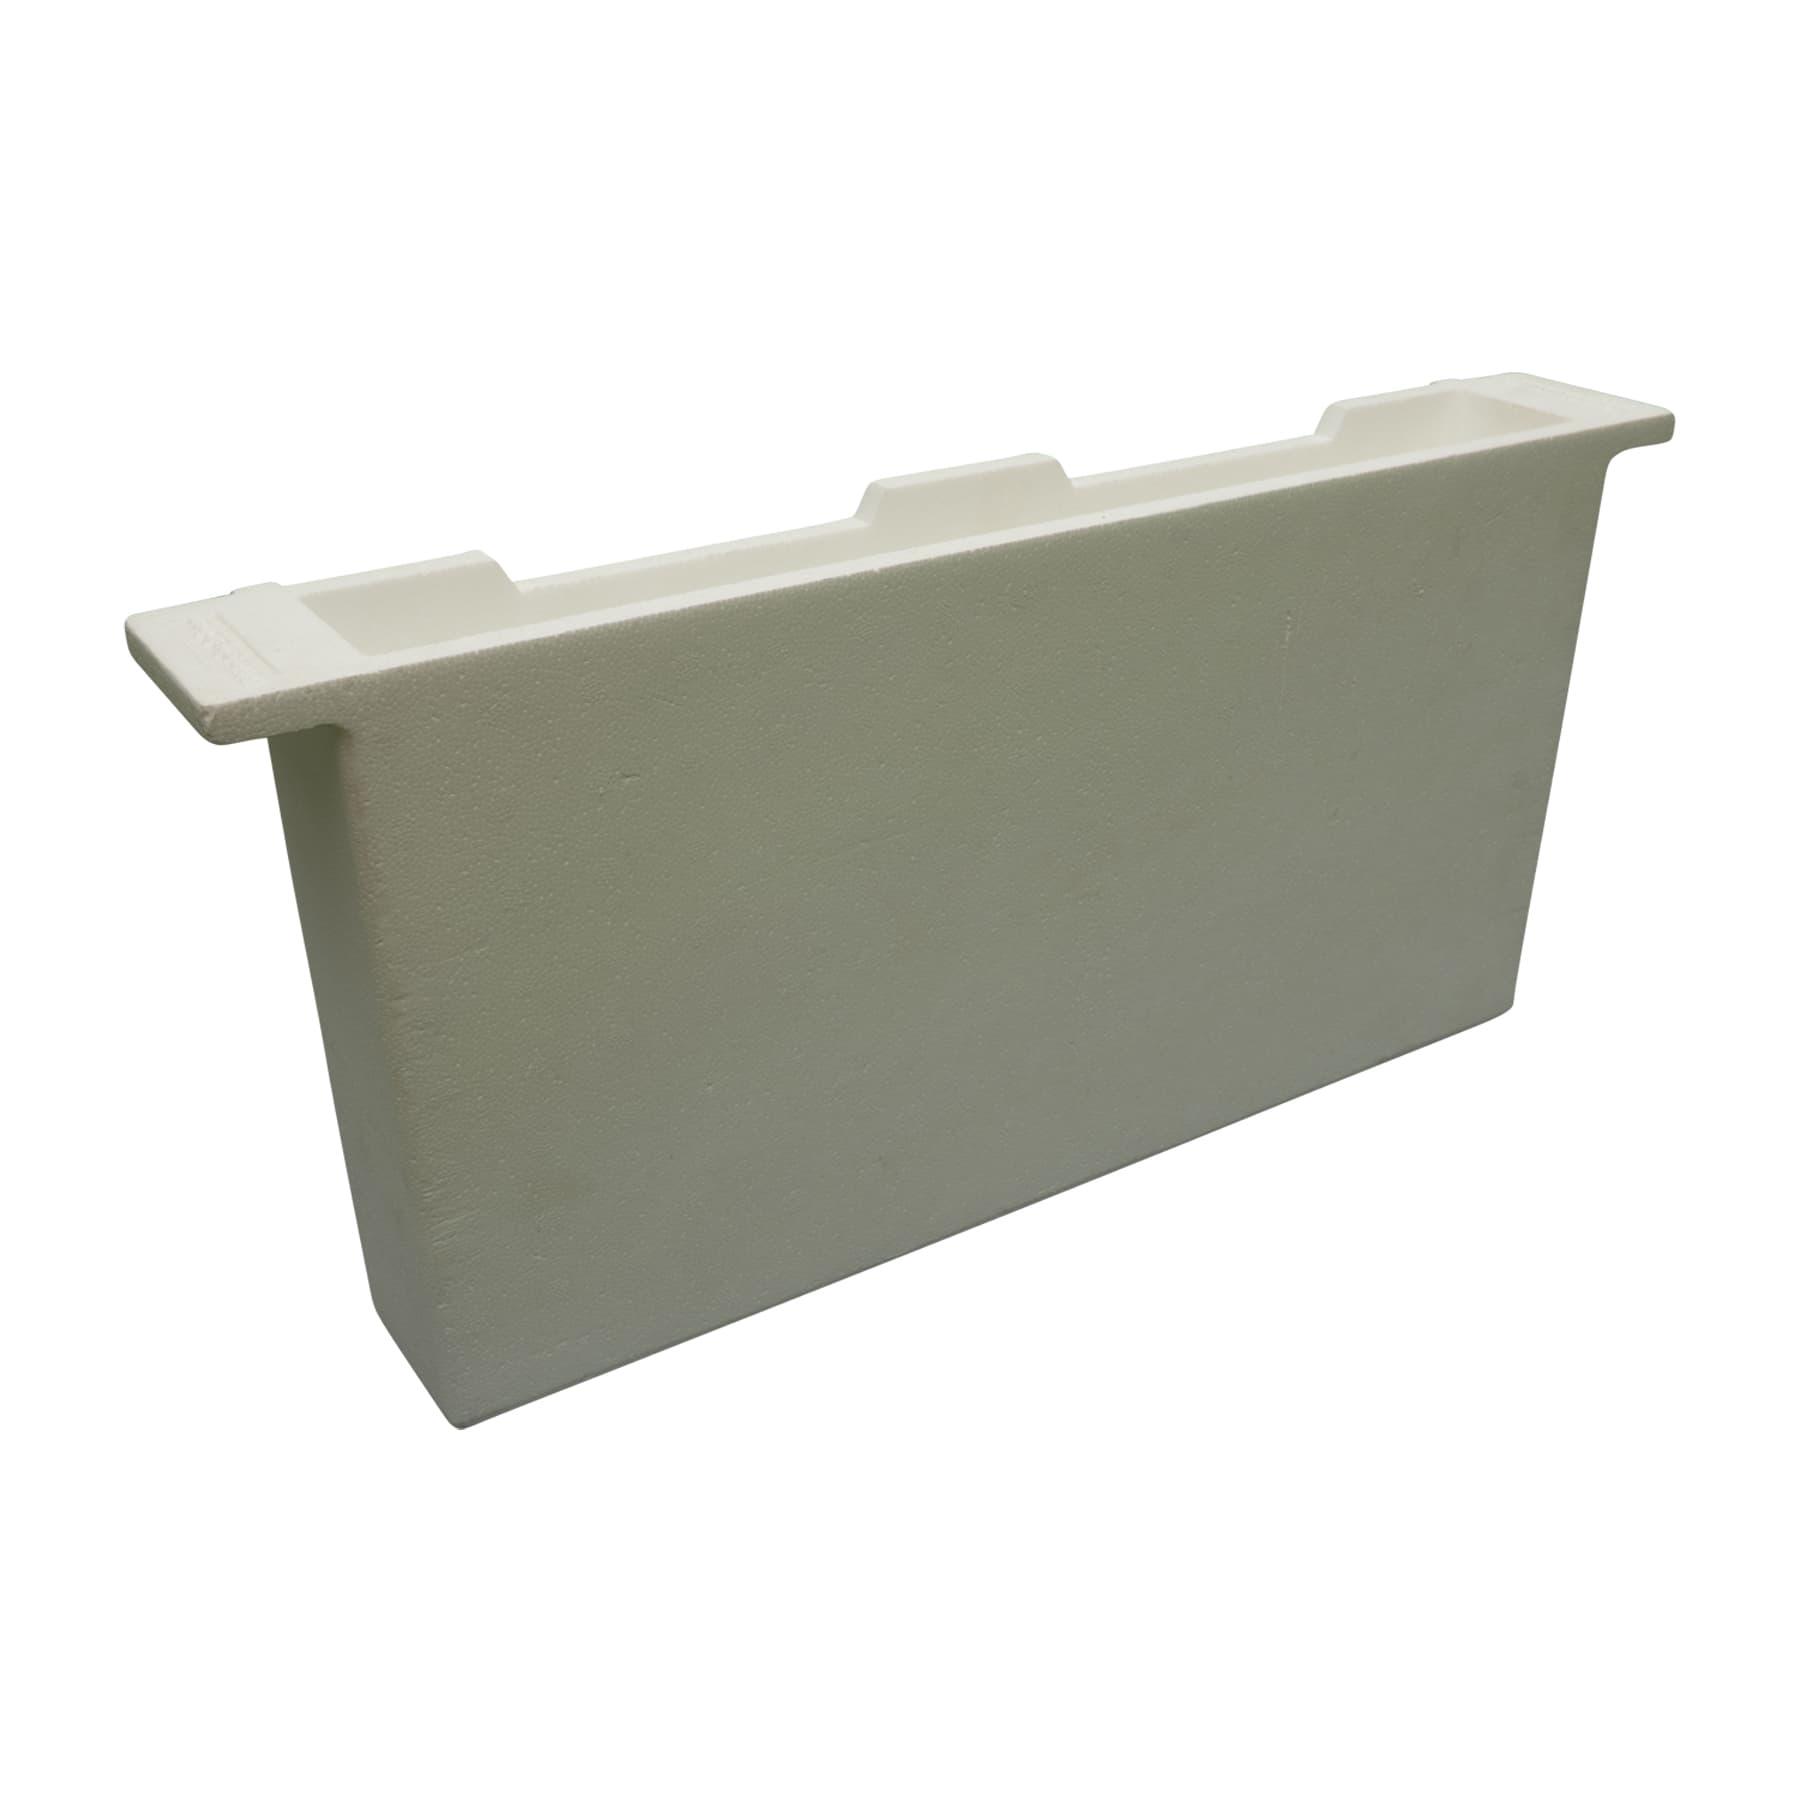 Futtertasche aus Styropor Langstroth70 mm breit (entspricht 2 Rähmchen)